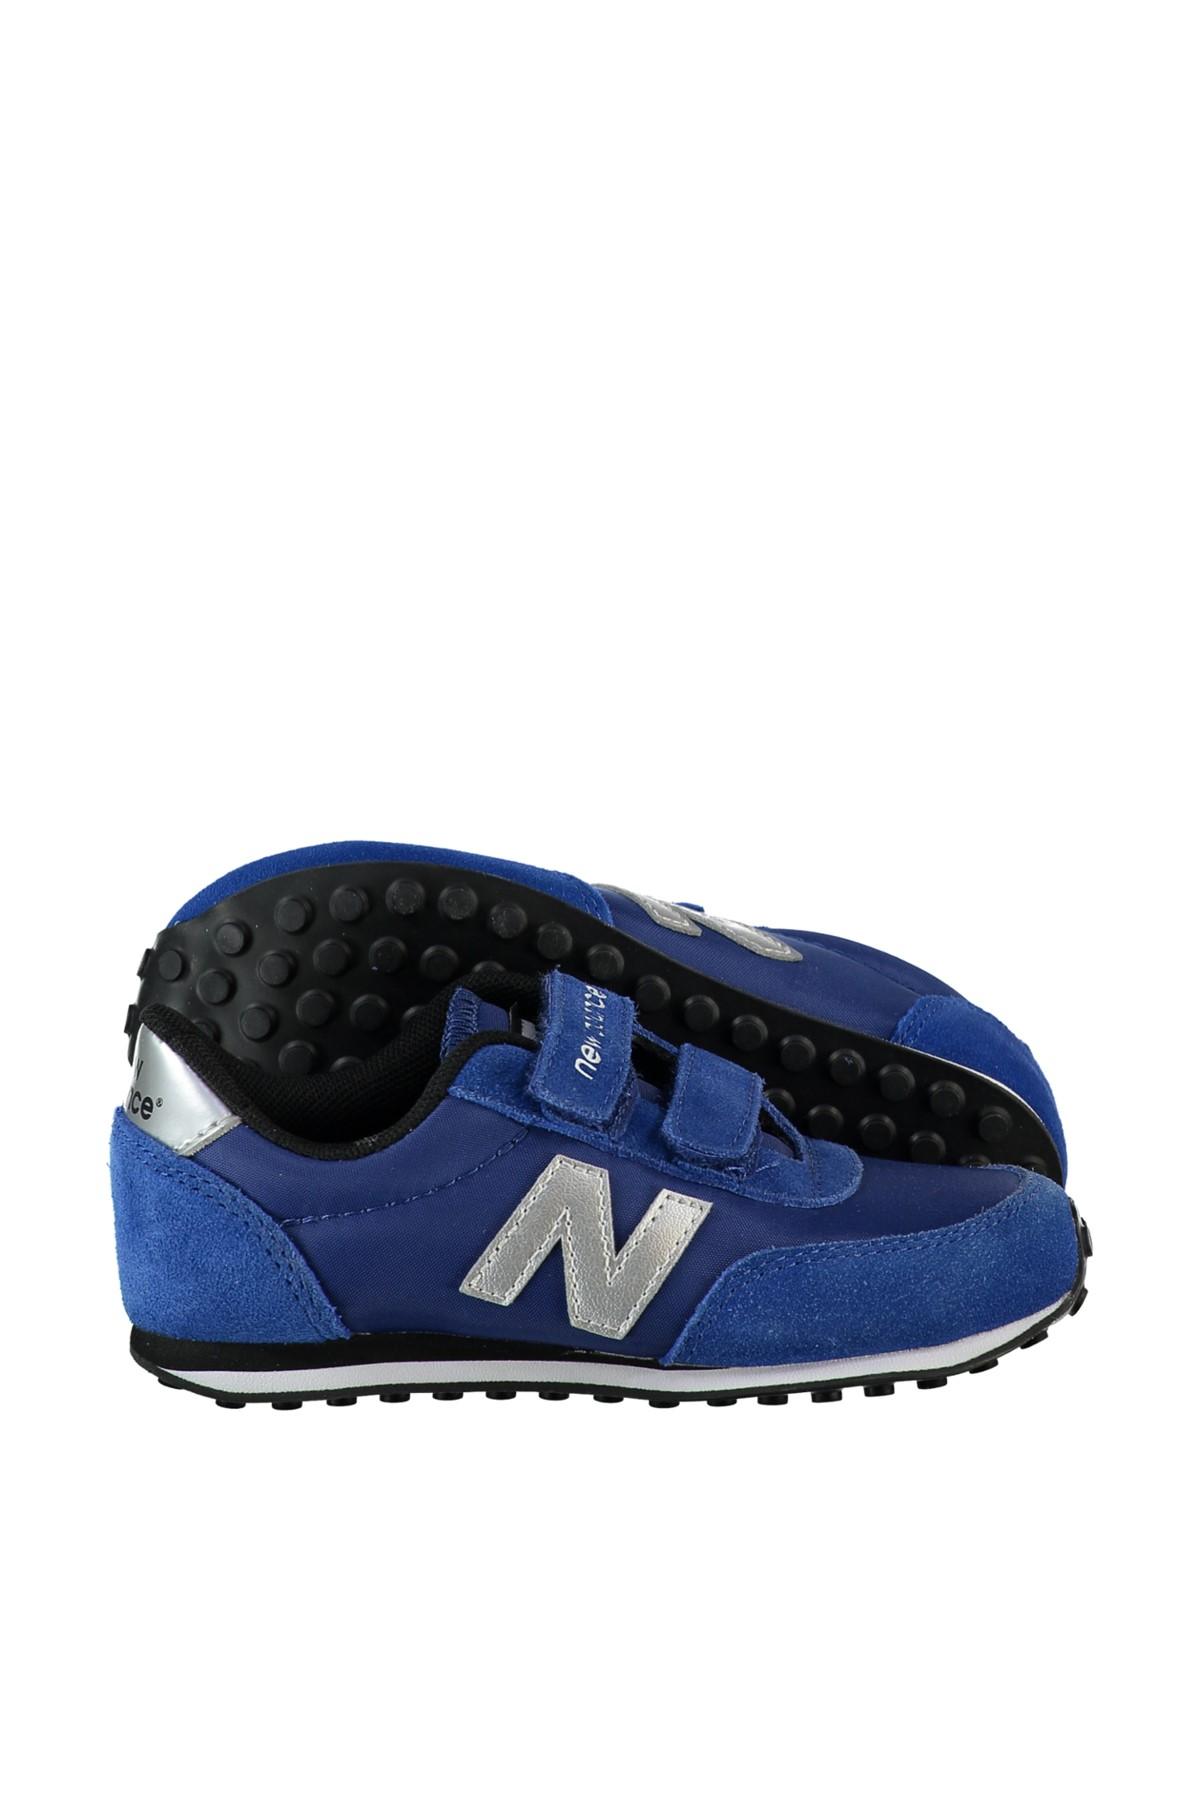 New Balance Mavi Gri Kız Çocuk Ayakkabı KE410BUY 1